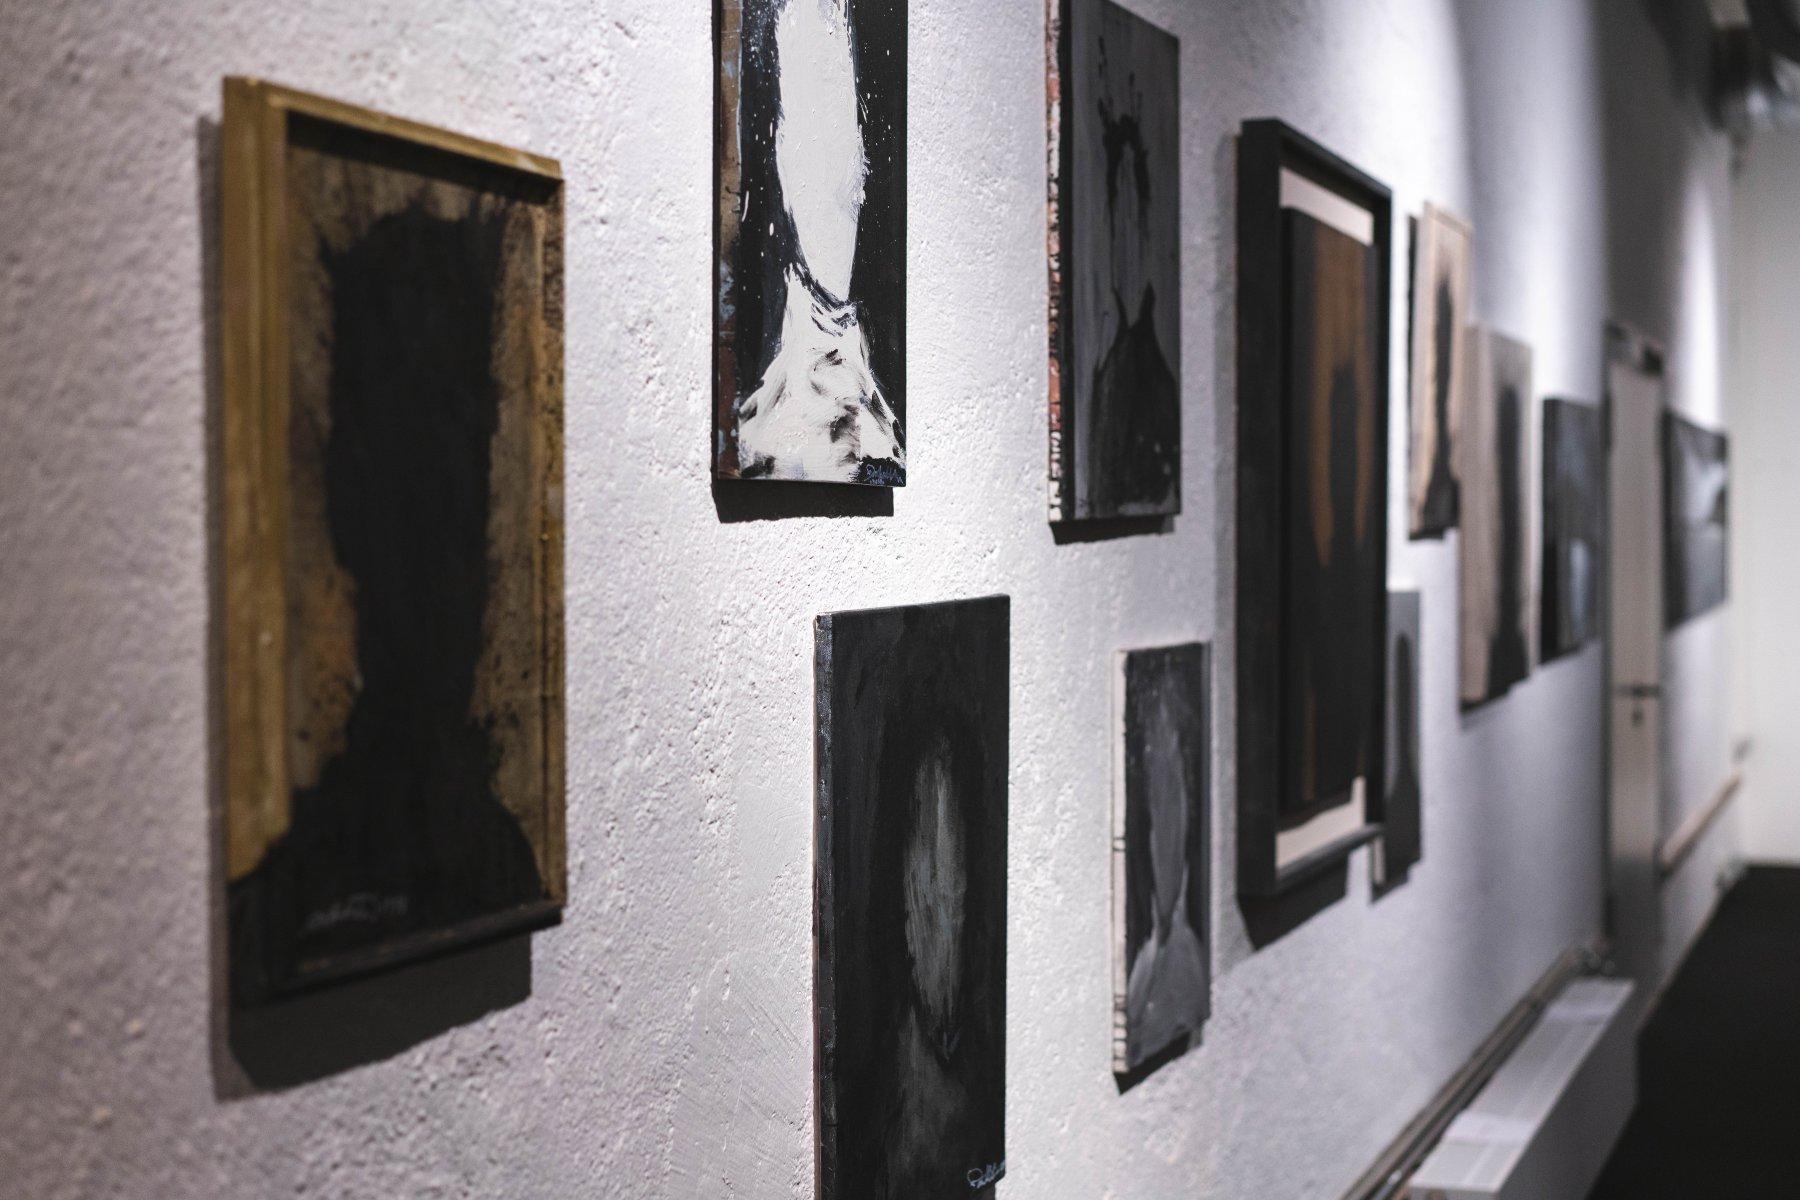 Zu Beginn seiner Karriere malt Hambleton Kreide Umrisszeichnungen von Mordopfern auf Gehwege. – ©wunderland media GmbH